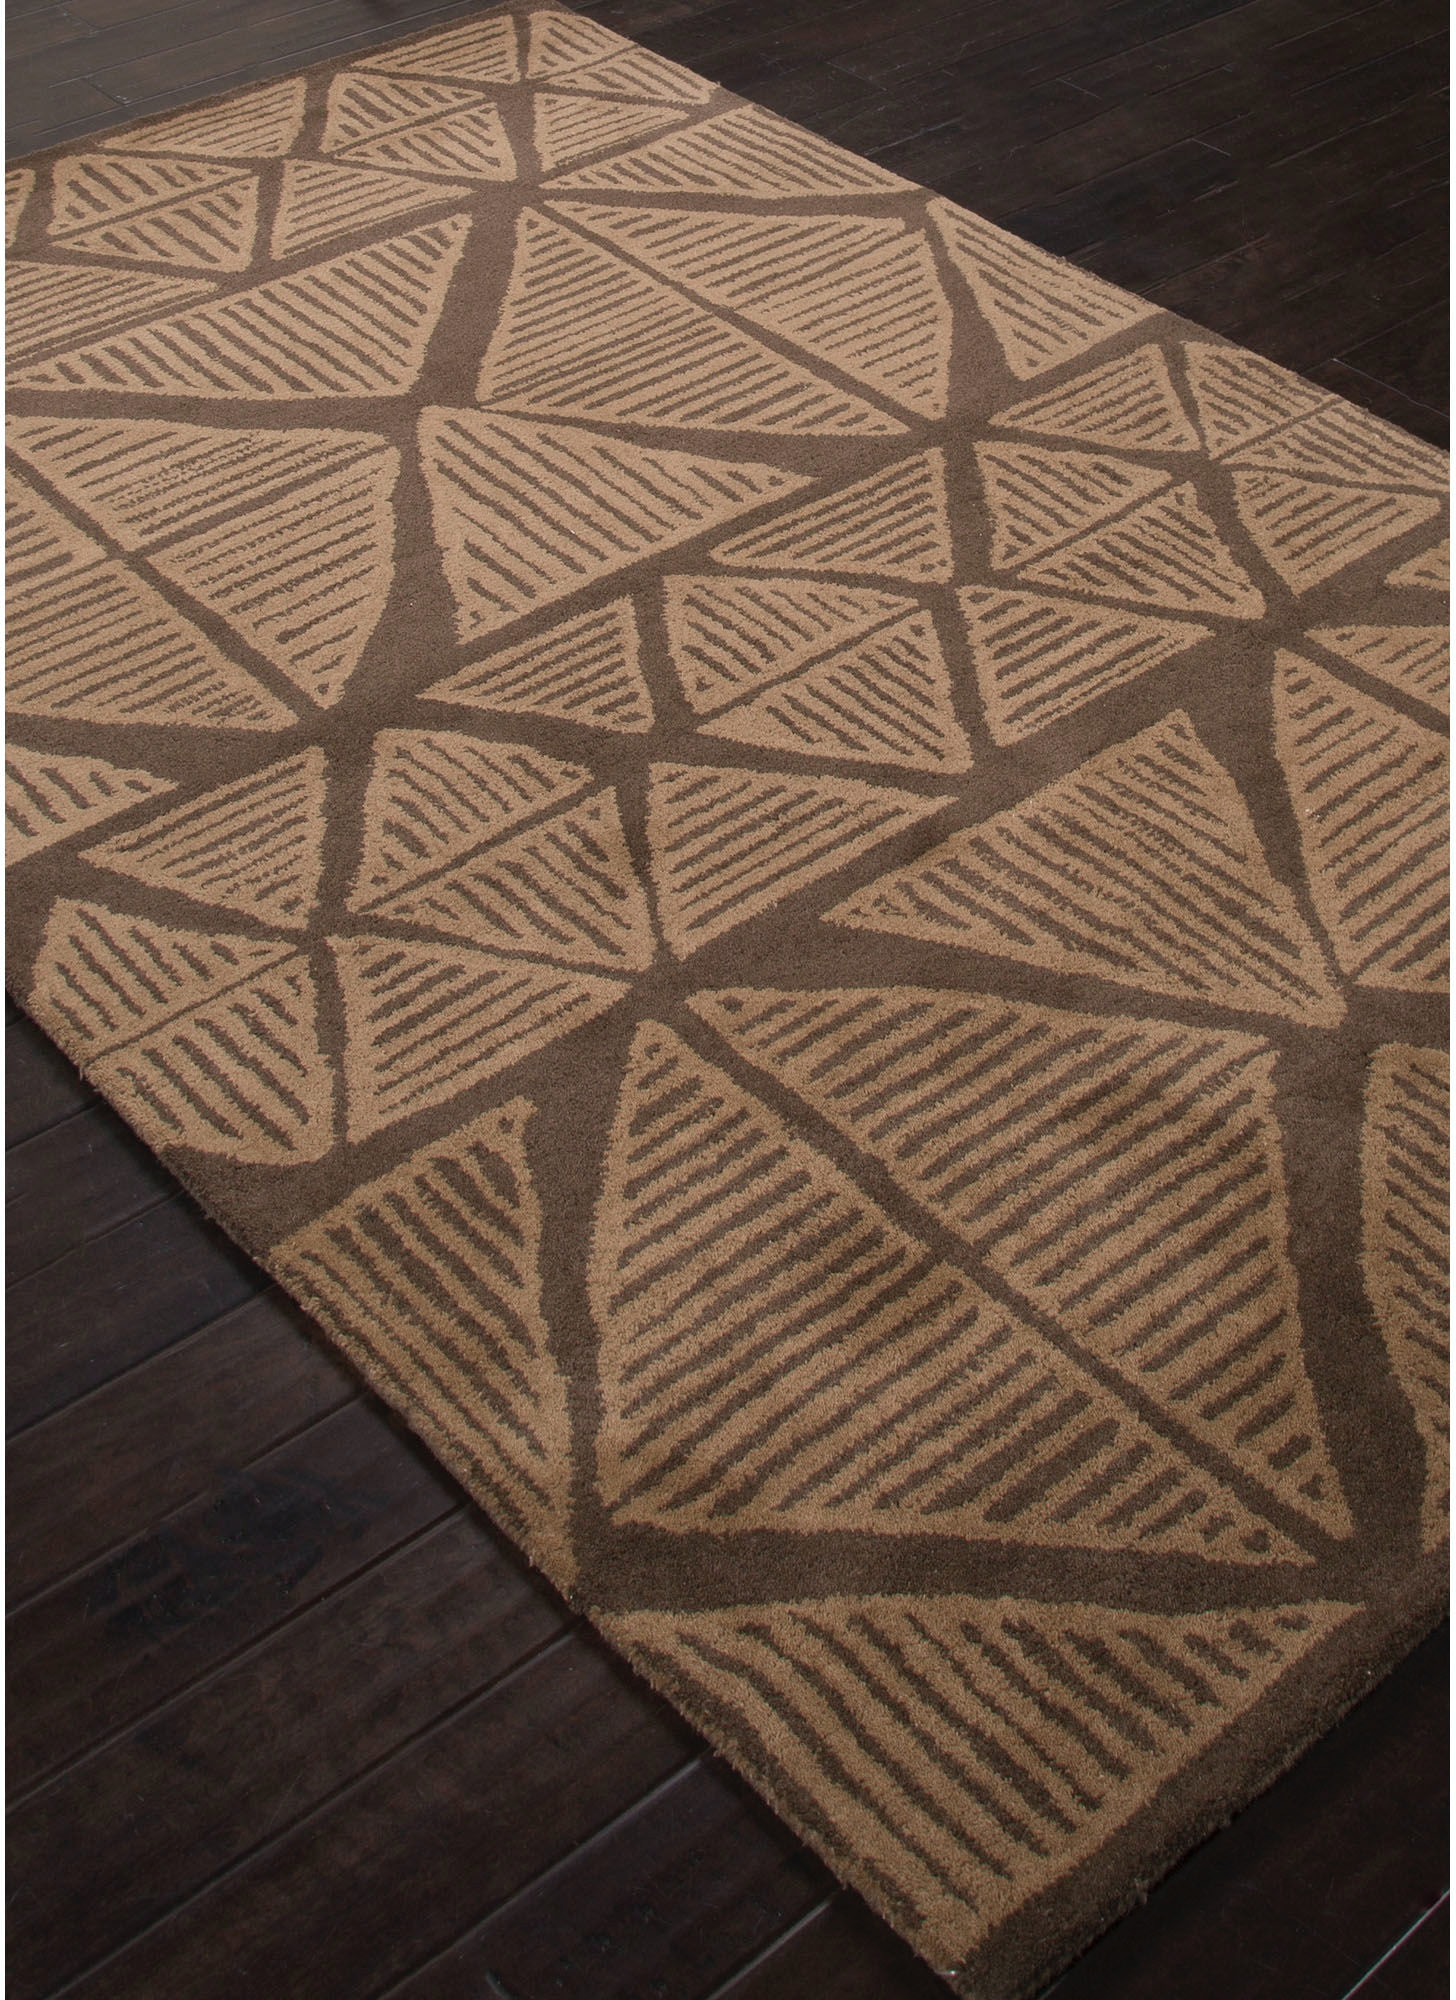 jaipur rugs floor coverings jaipur hand-tufted tribal pattern brown 8x11 Area Rugs